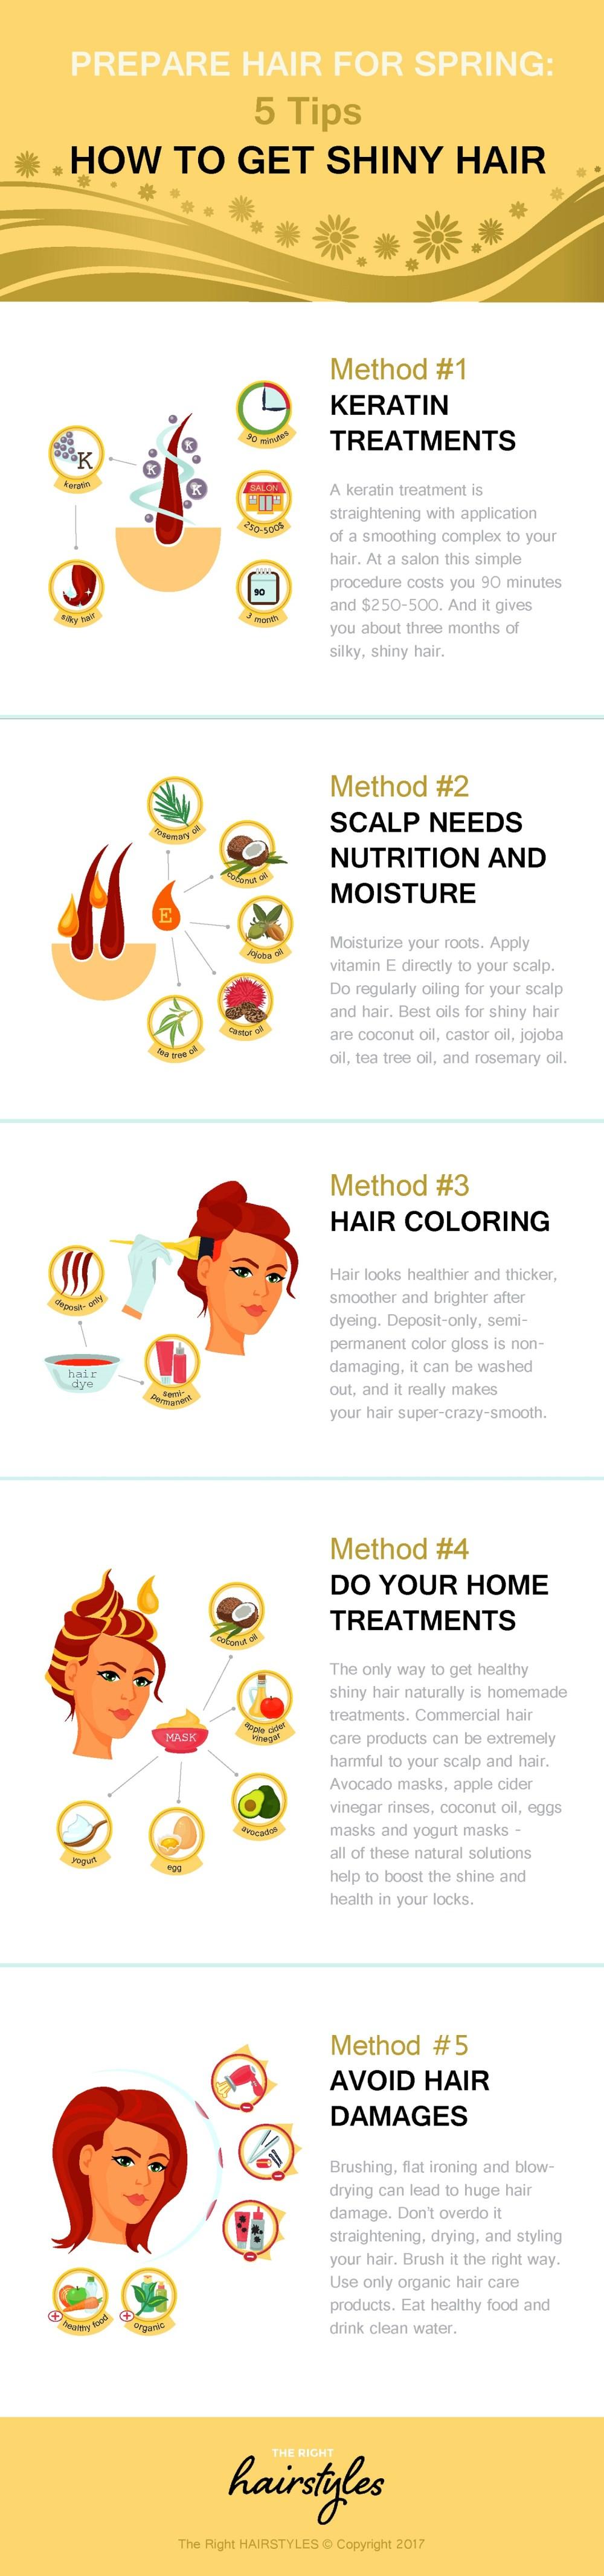 printemps preparez obtenir comment cheveux astuces